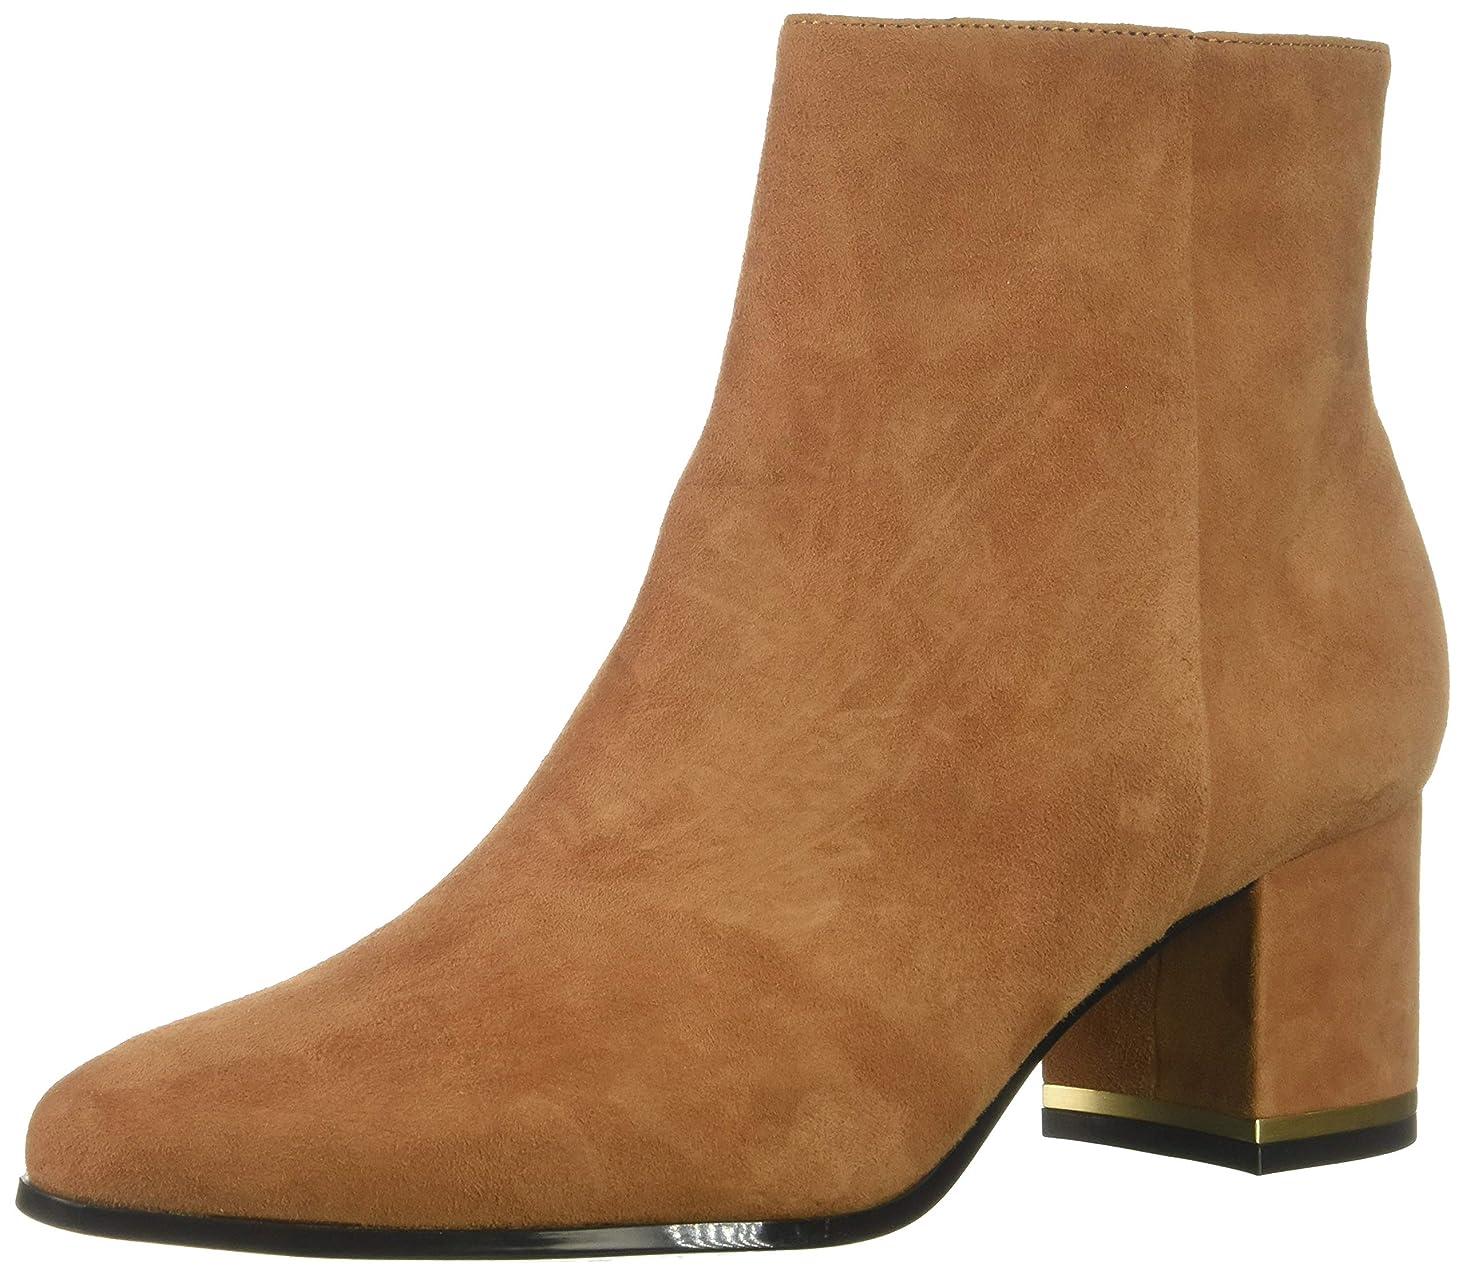 制限お金粒子[Calvin Klein] レディース フェリシア US サイズ: 9.5 M US カラー: ブラウン